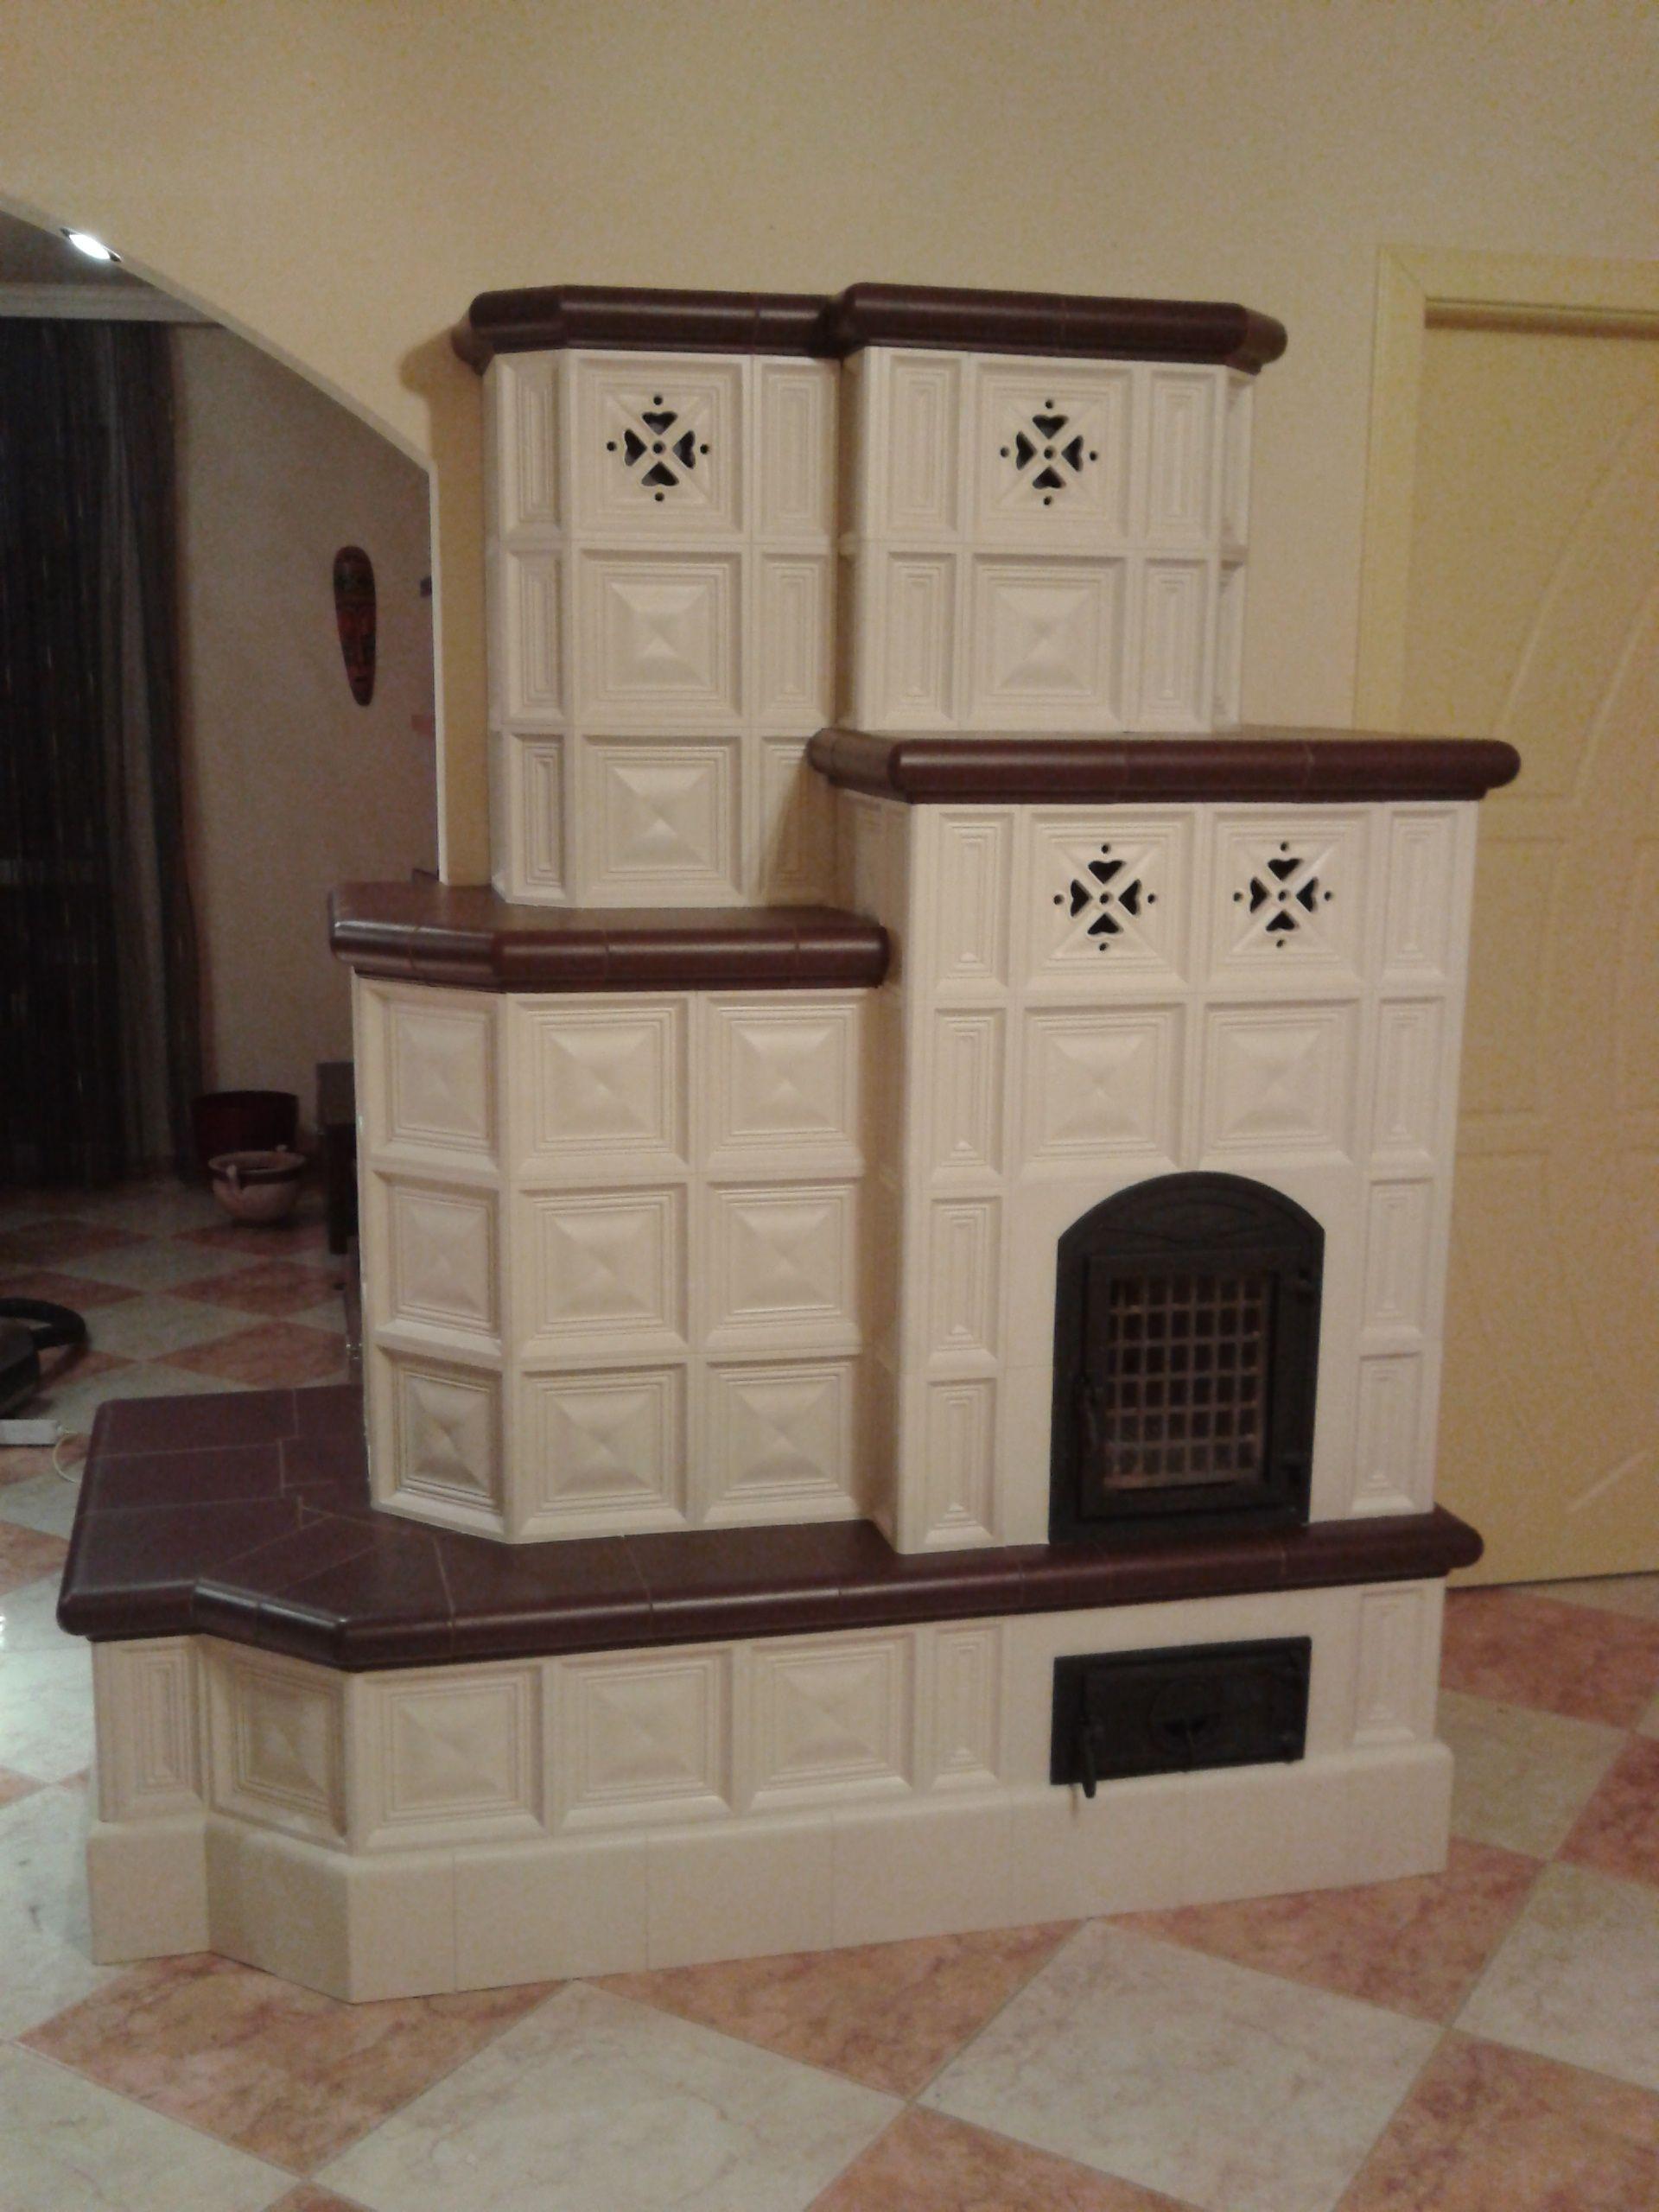 Modern Fenykepek Latvanytervek Cserepkalyhak A Hagyomanyostol A Minimalista Stilusig Kandallok Tuzhelyek Kemencek House Design Rocket Stoves Fireplace